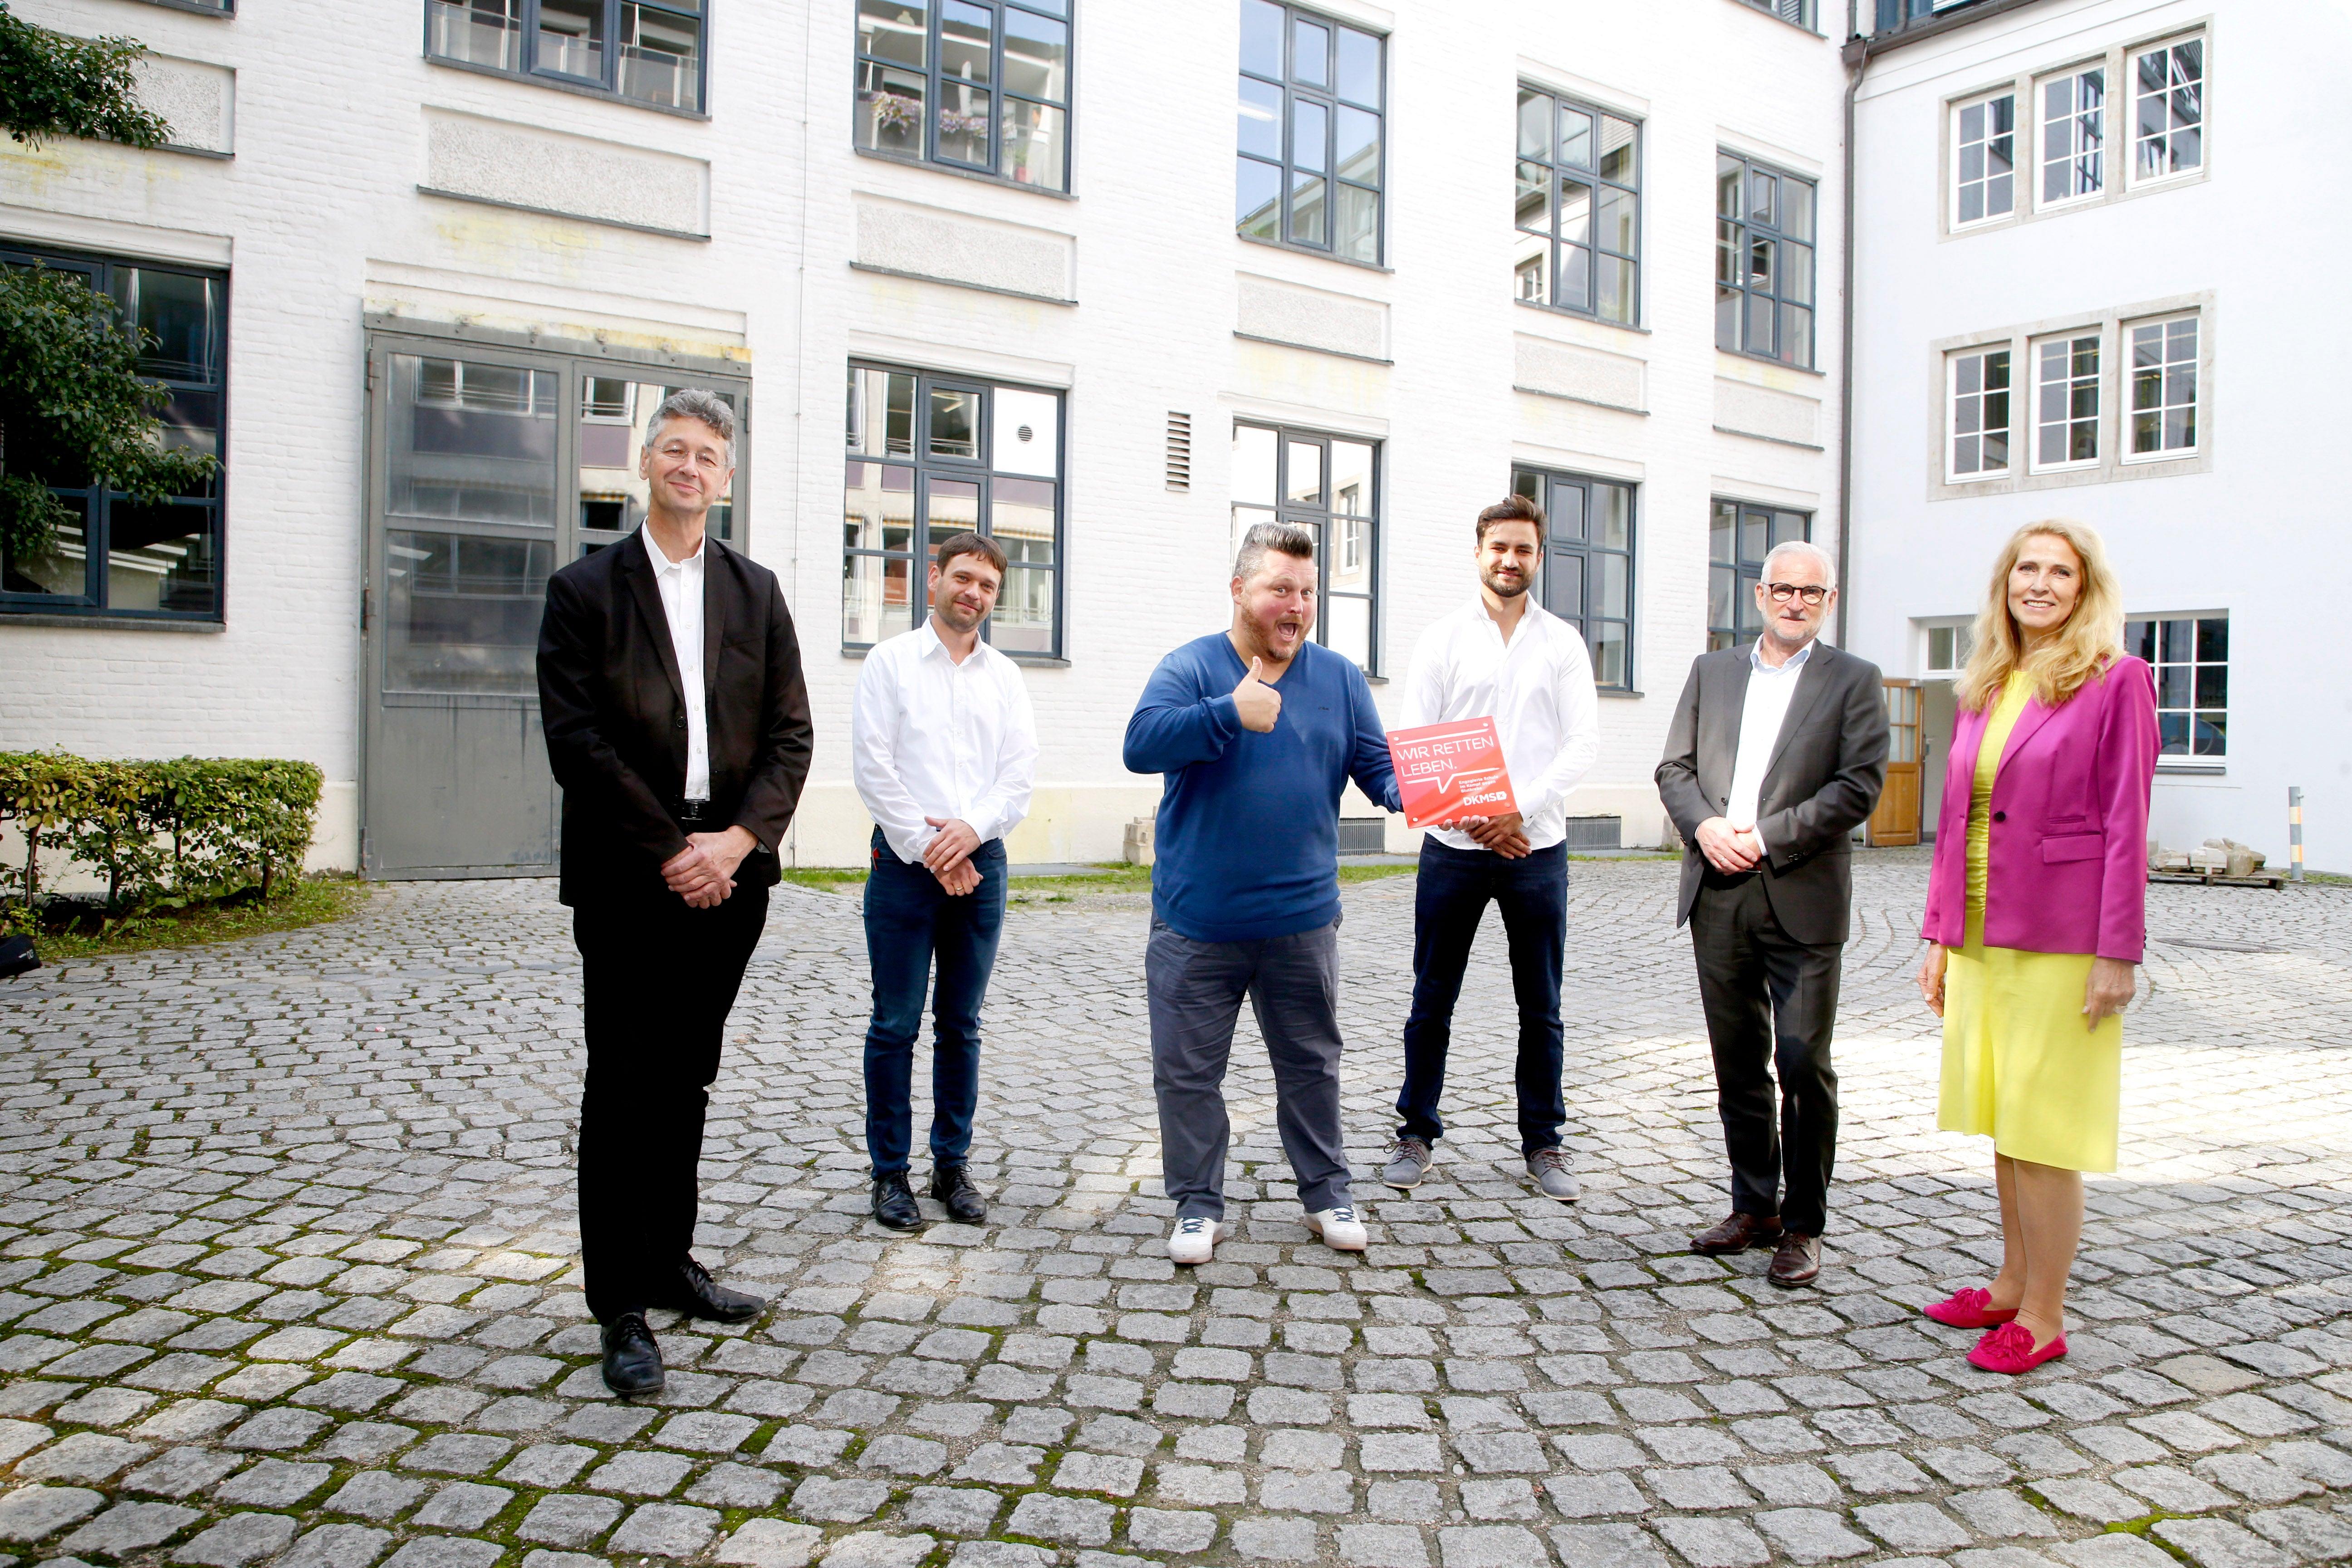 Dr. Elke Neujahr und Prof. Dr. Michael Piazolo mit den Vertretern des Städtischen Berufsschulzentrums für das Bau- und Kunsthandwerk München